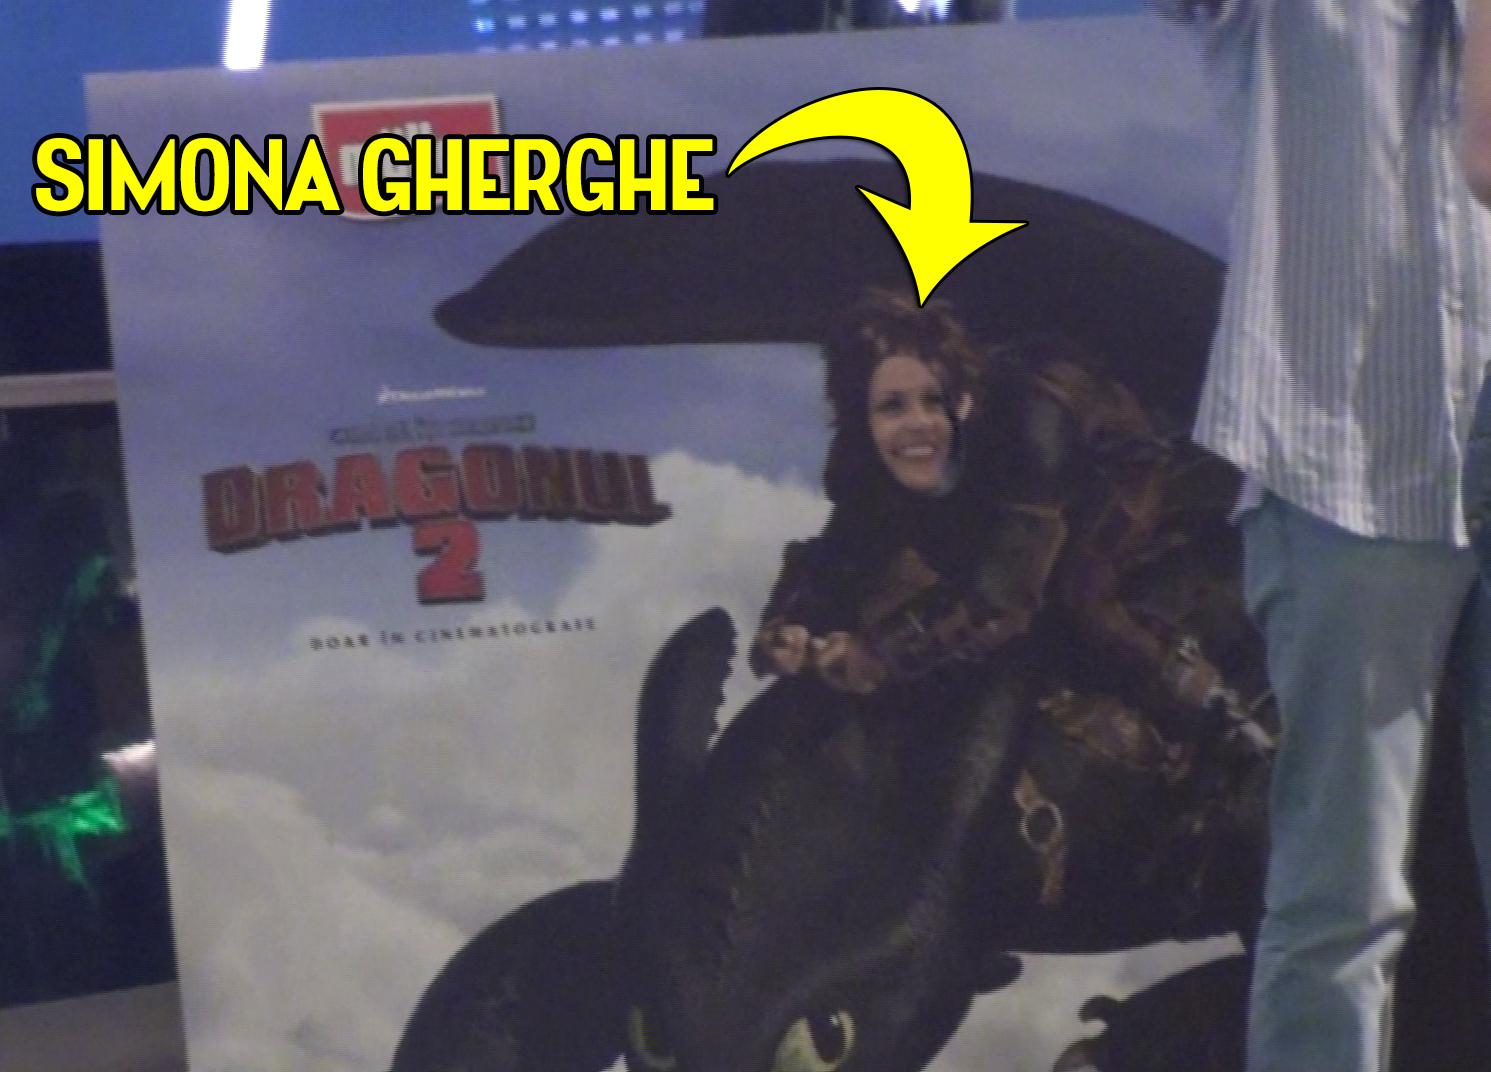 Pusa pe sotii, vedeta se fotografiaza intr-o ipostaza inedita la un panou de promovare a unui film